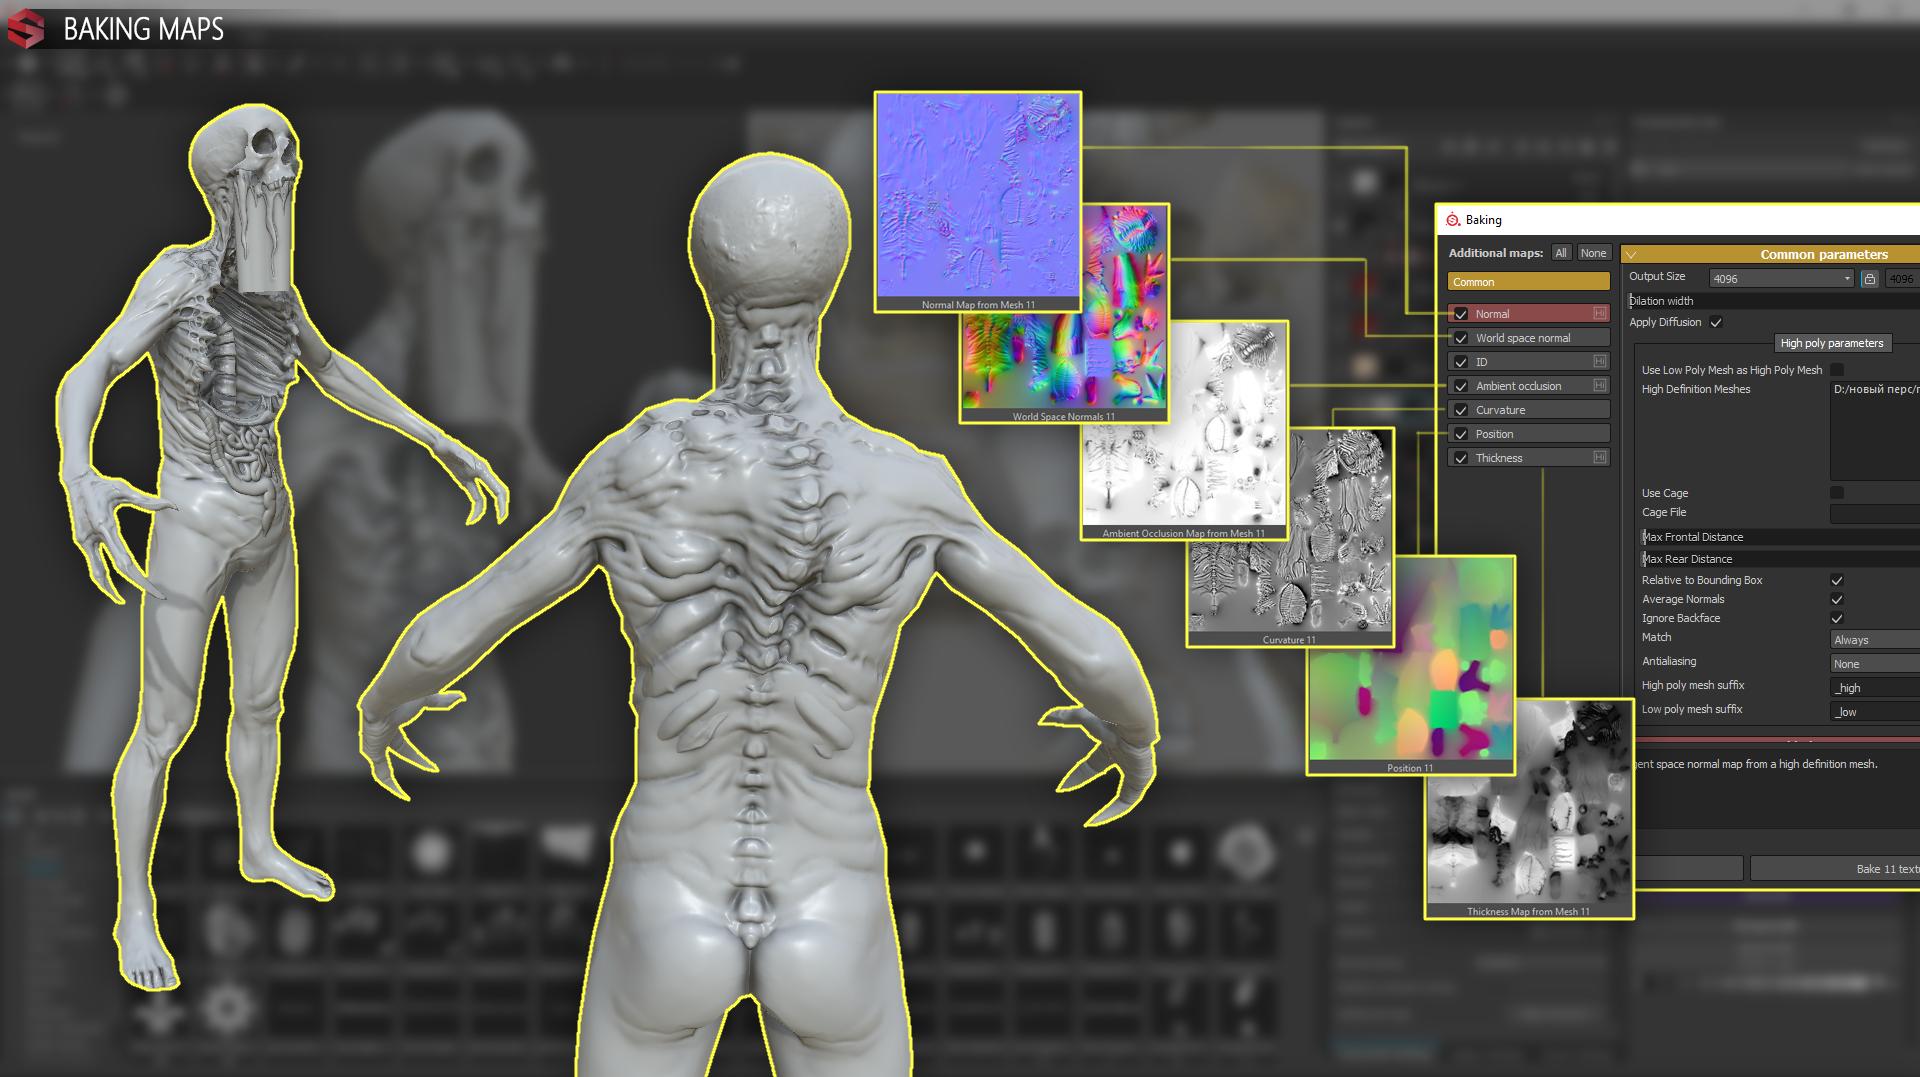 Программа для работы с игровыми моделями характеристика с места работы образец девушка